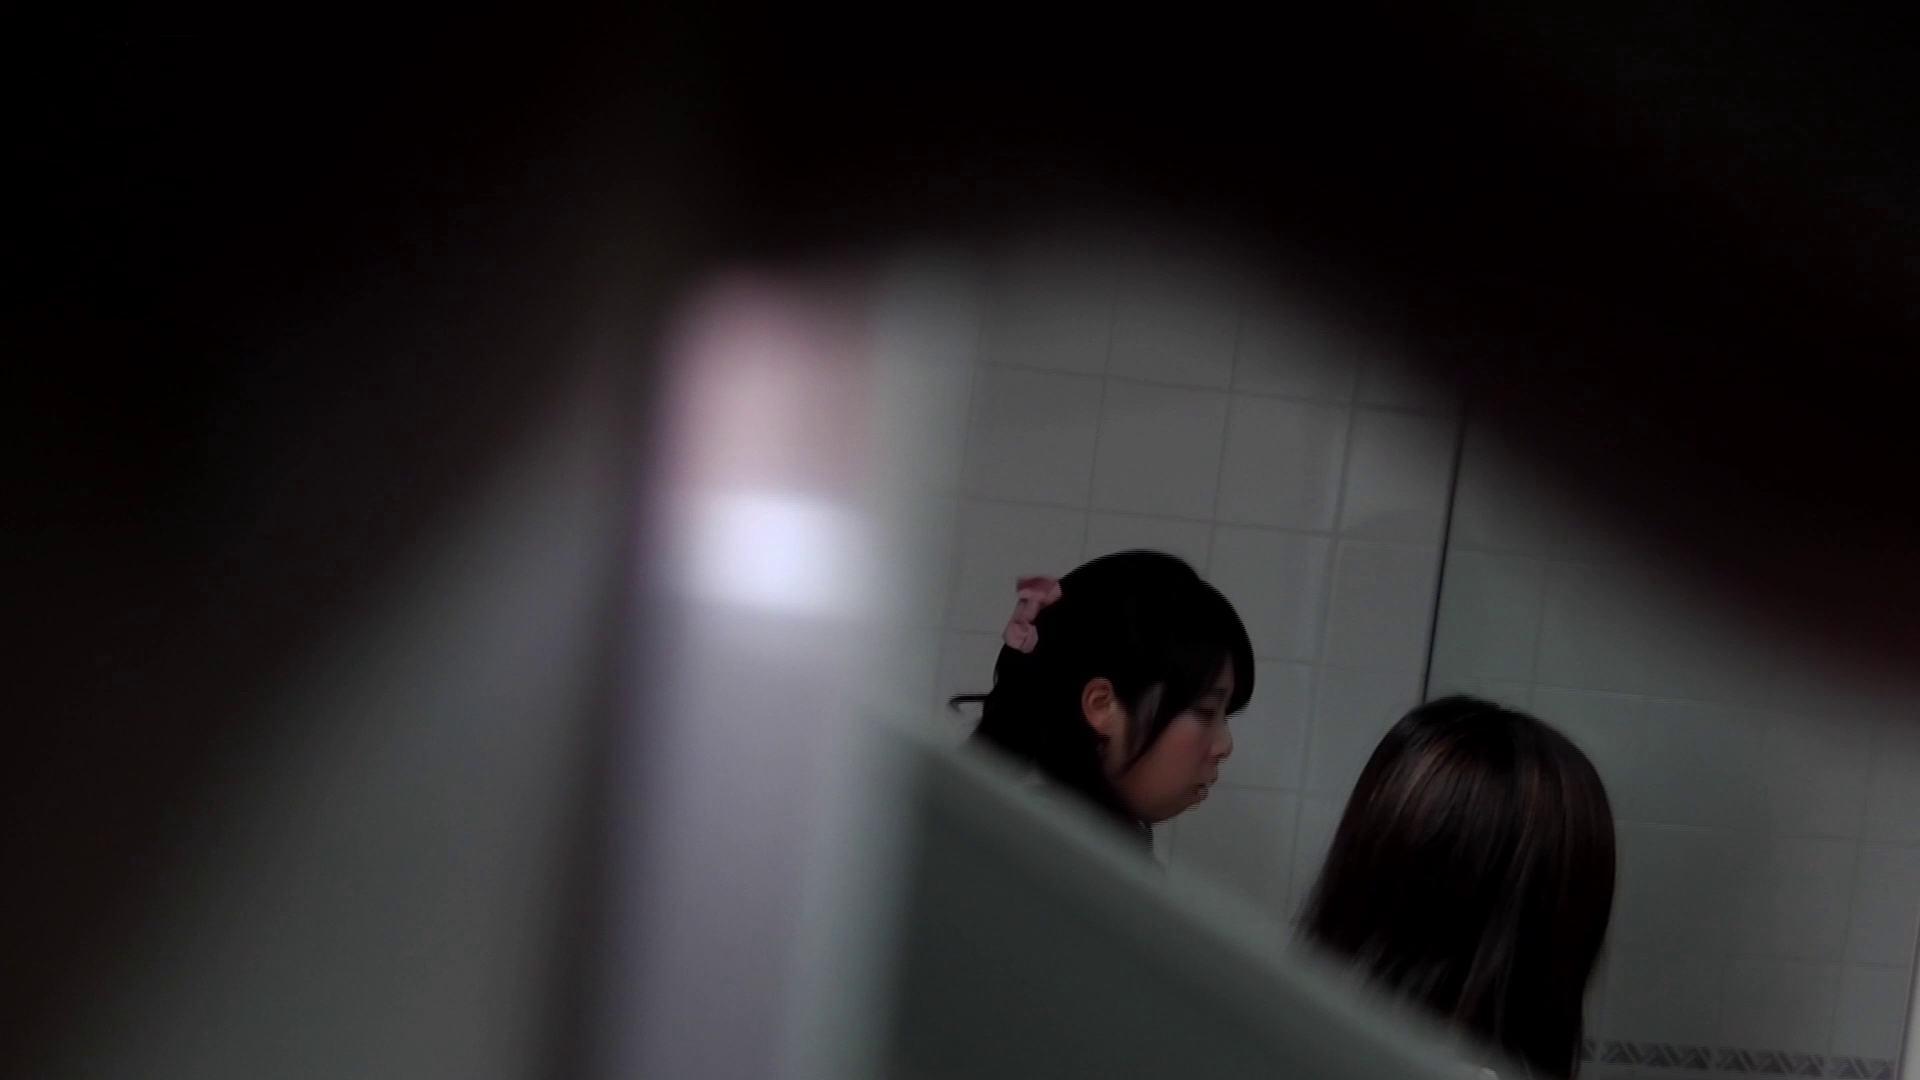 美しい日本の未来 No.28 特集!!後方撮り。あんな尻からこんな尻まで。 お姉さん  87PIX 19